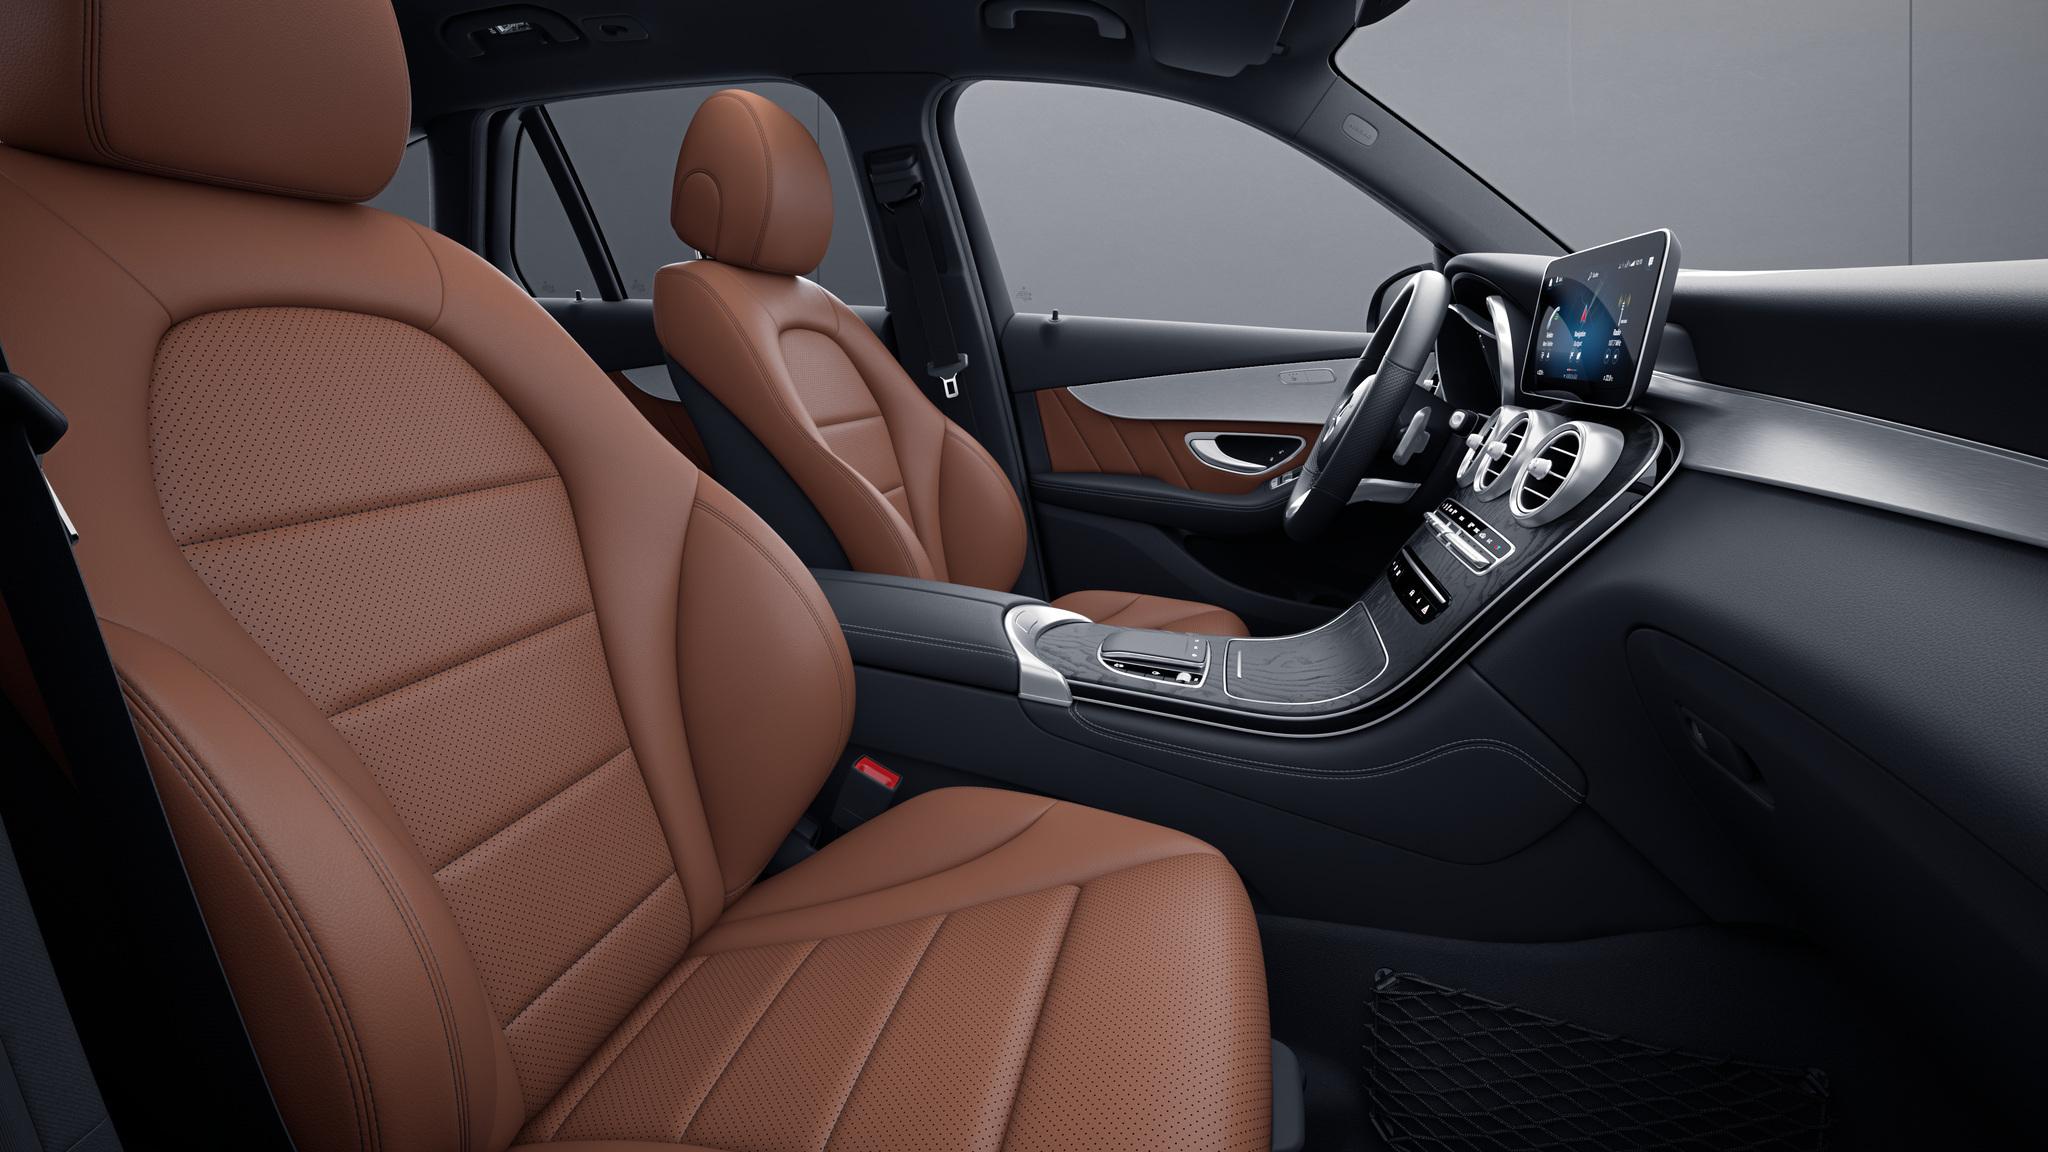 Habitacle de la Mercedes GLC avec une Sellerie Similicuir Artico - marron cuir noir